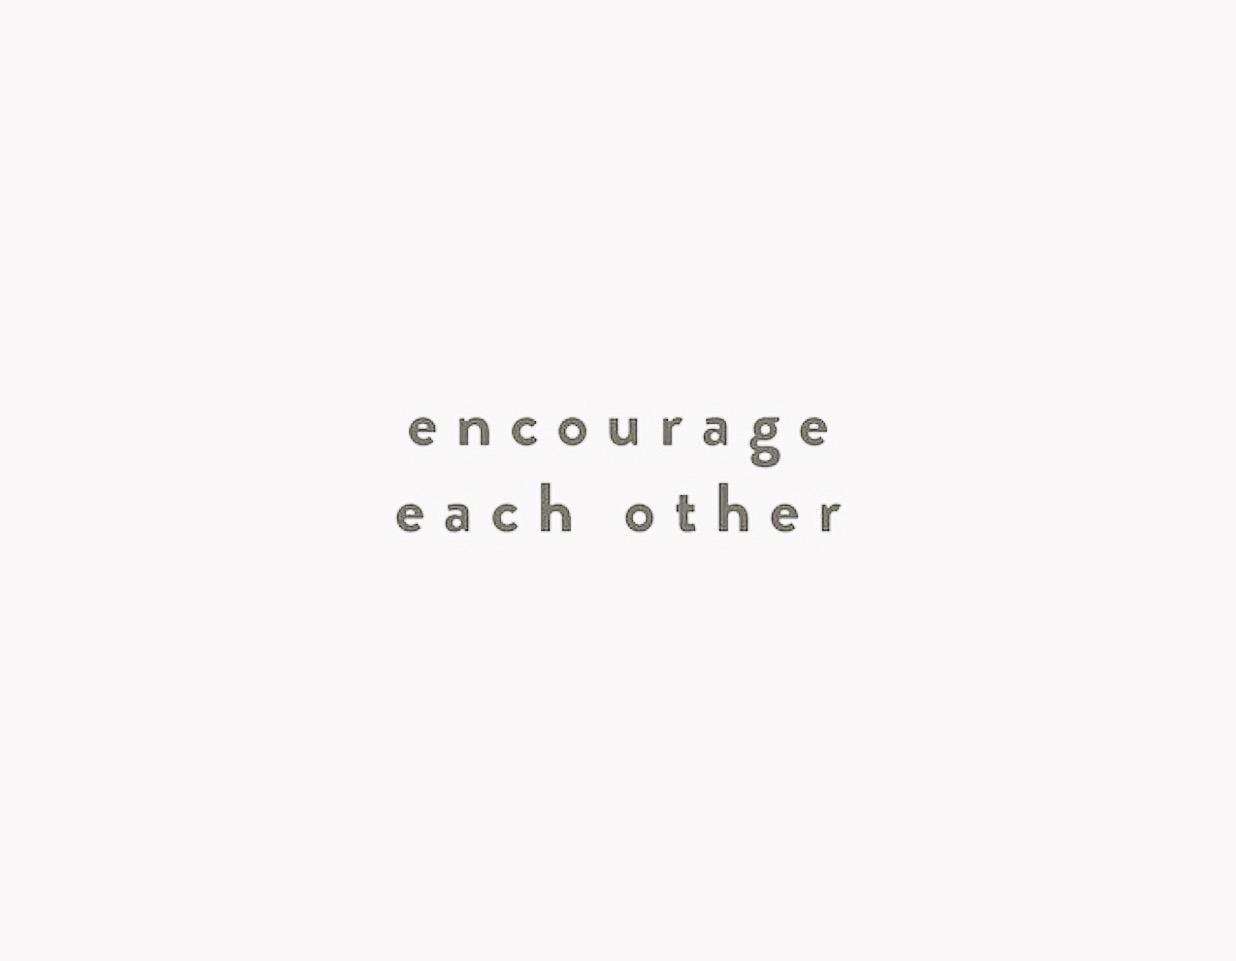 love encourage